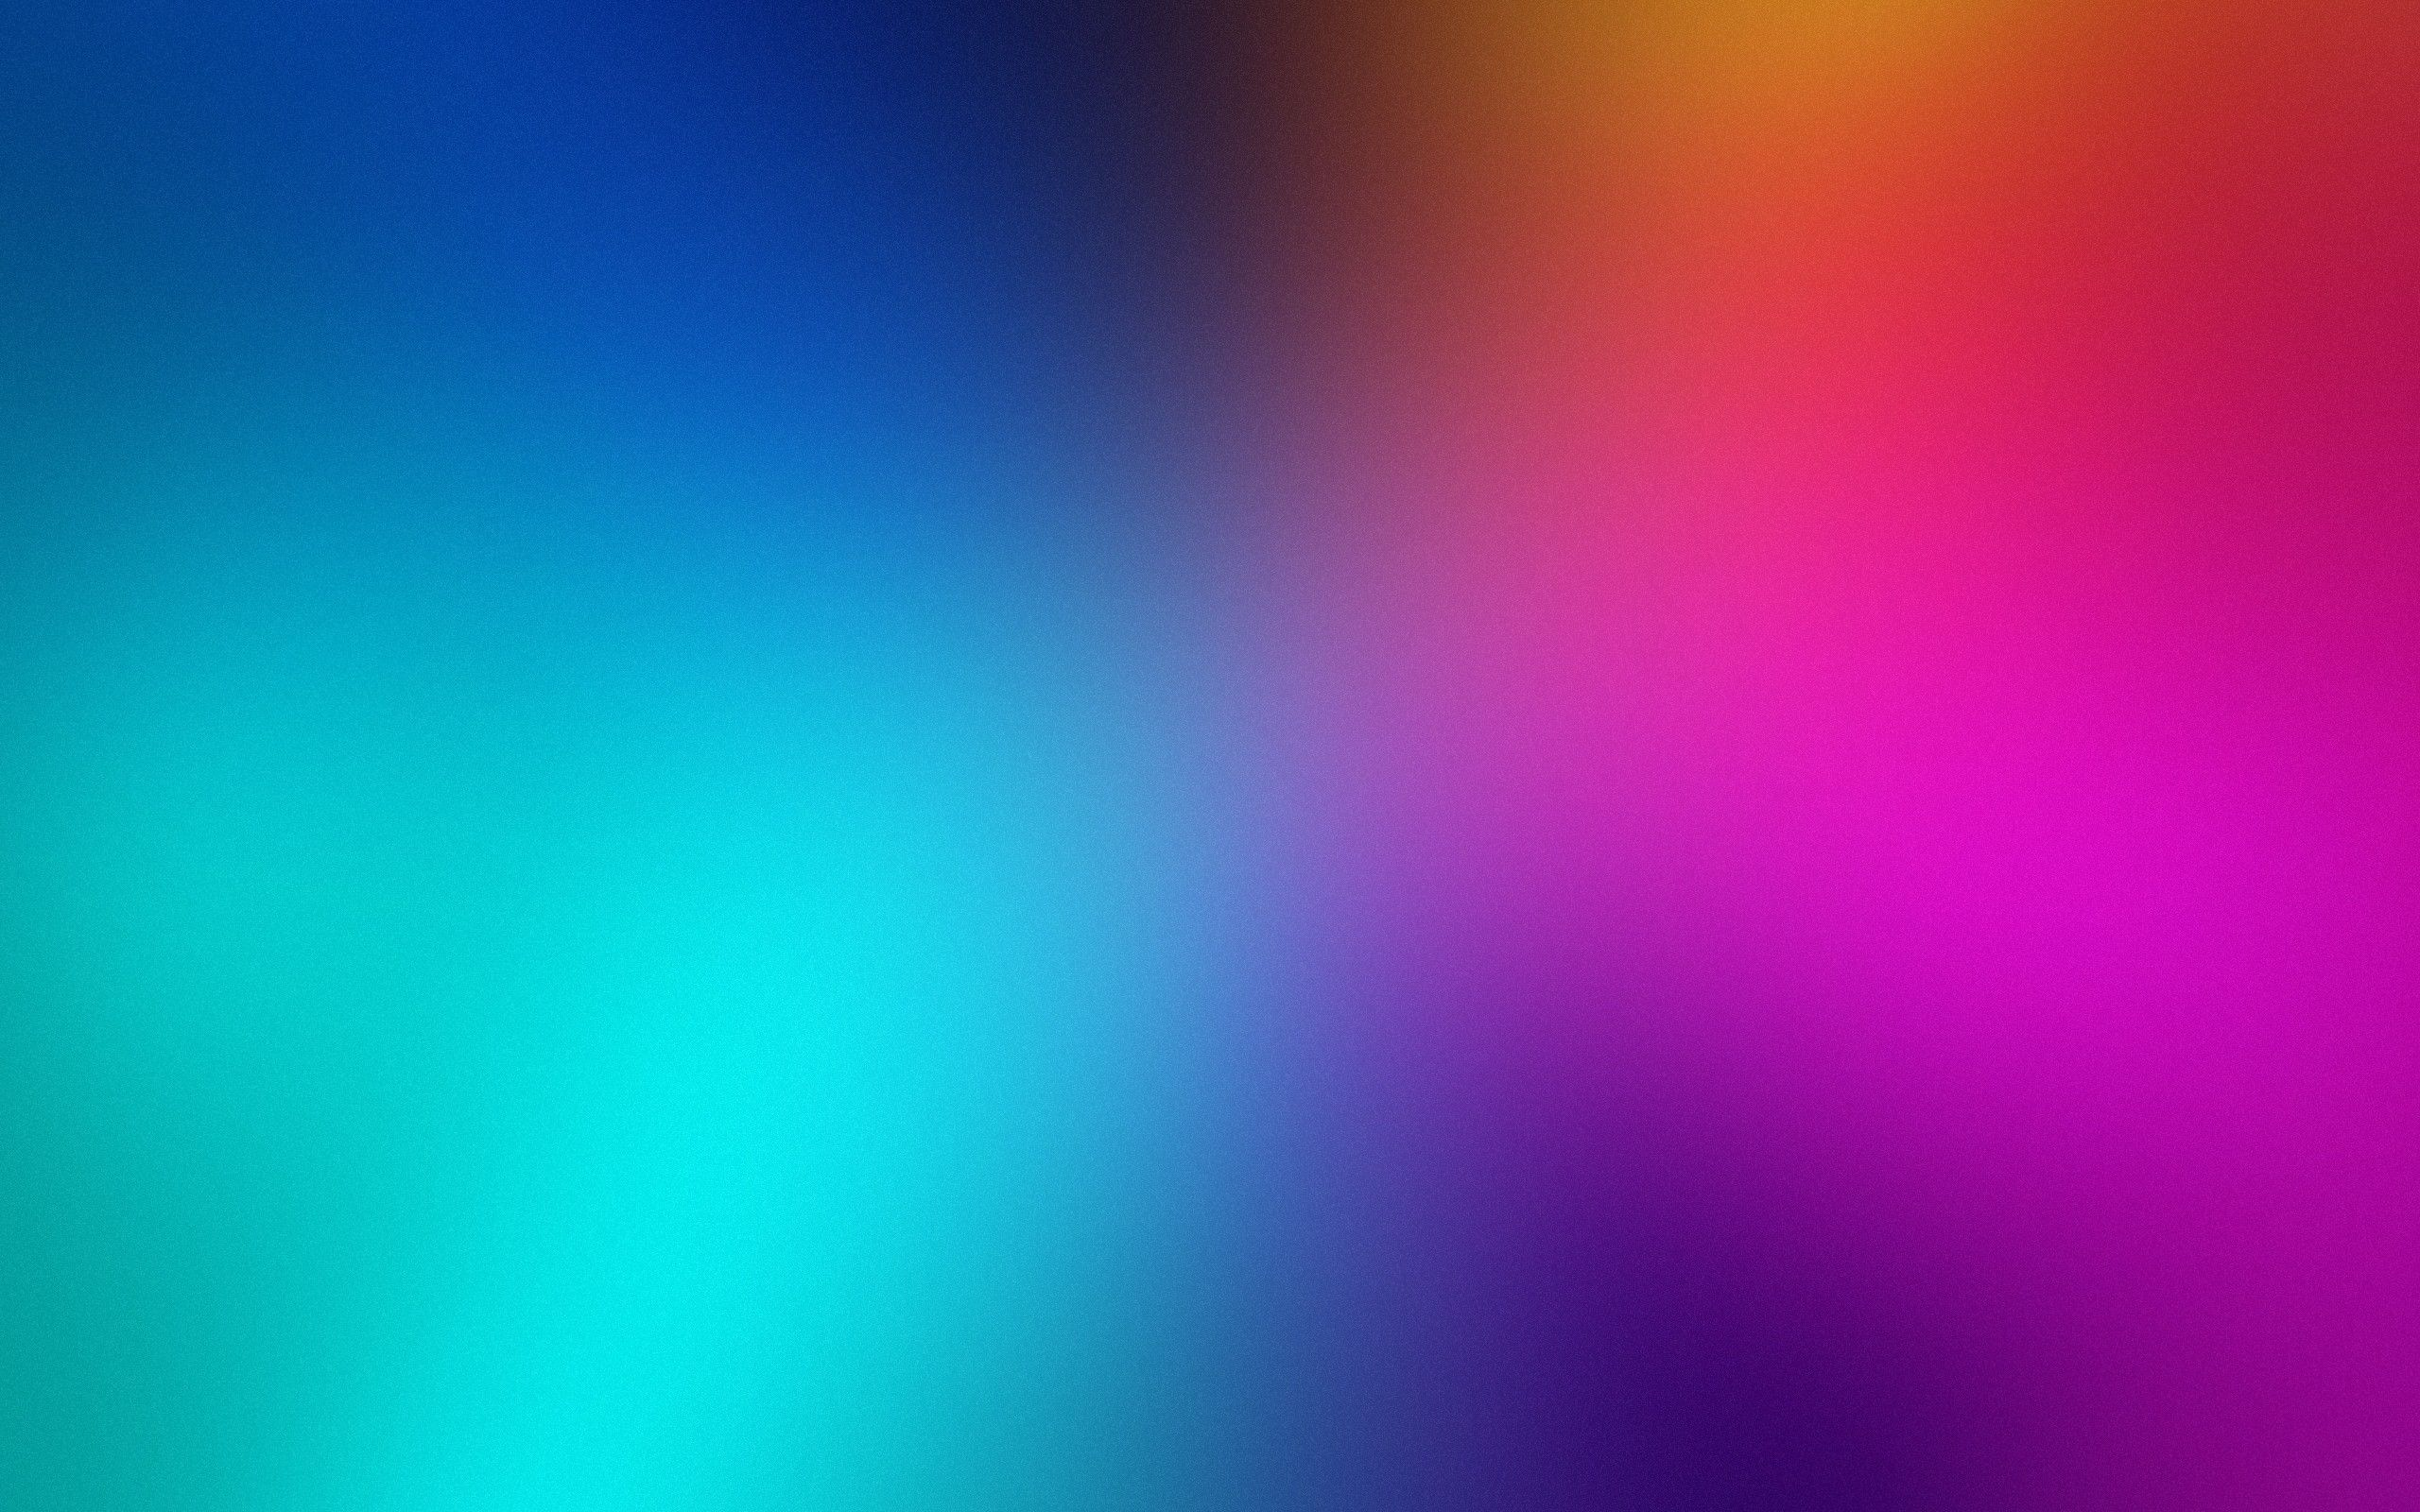 Fondos Abstractos De Colores Para Fondo De Pantalla En Hd